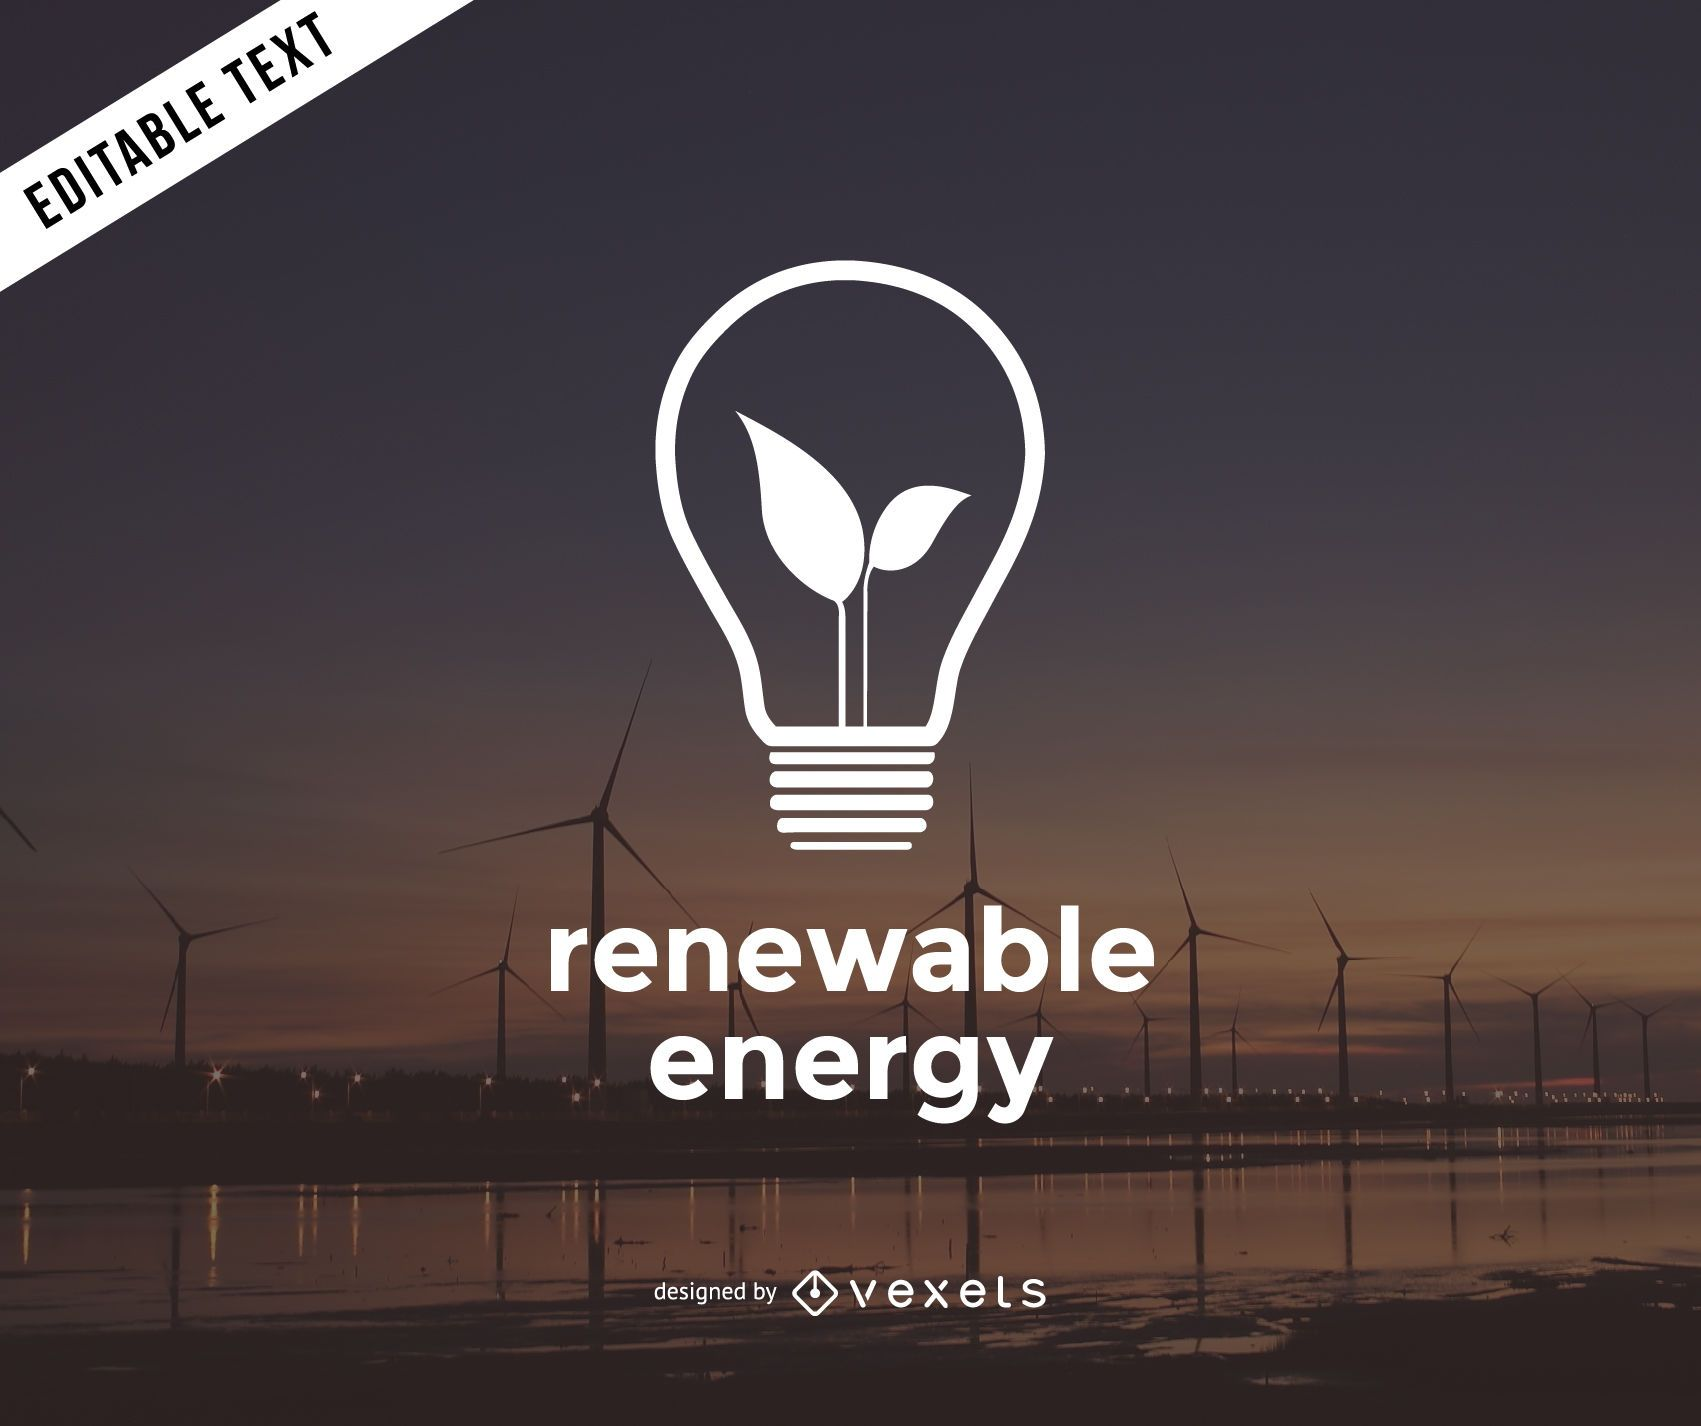 Plantilla de logotipo de energ?a renovable